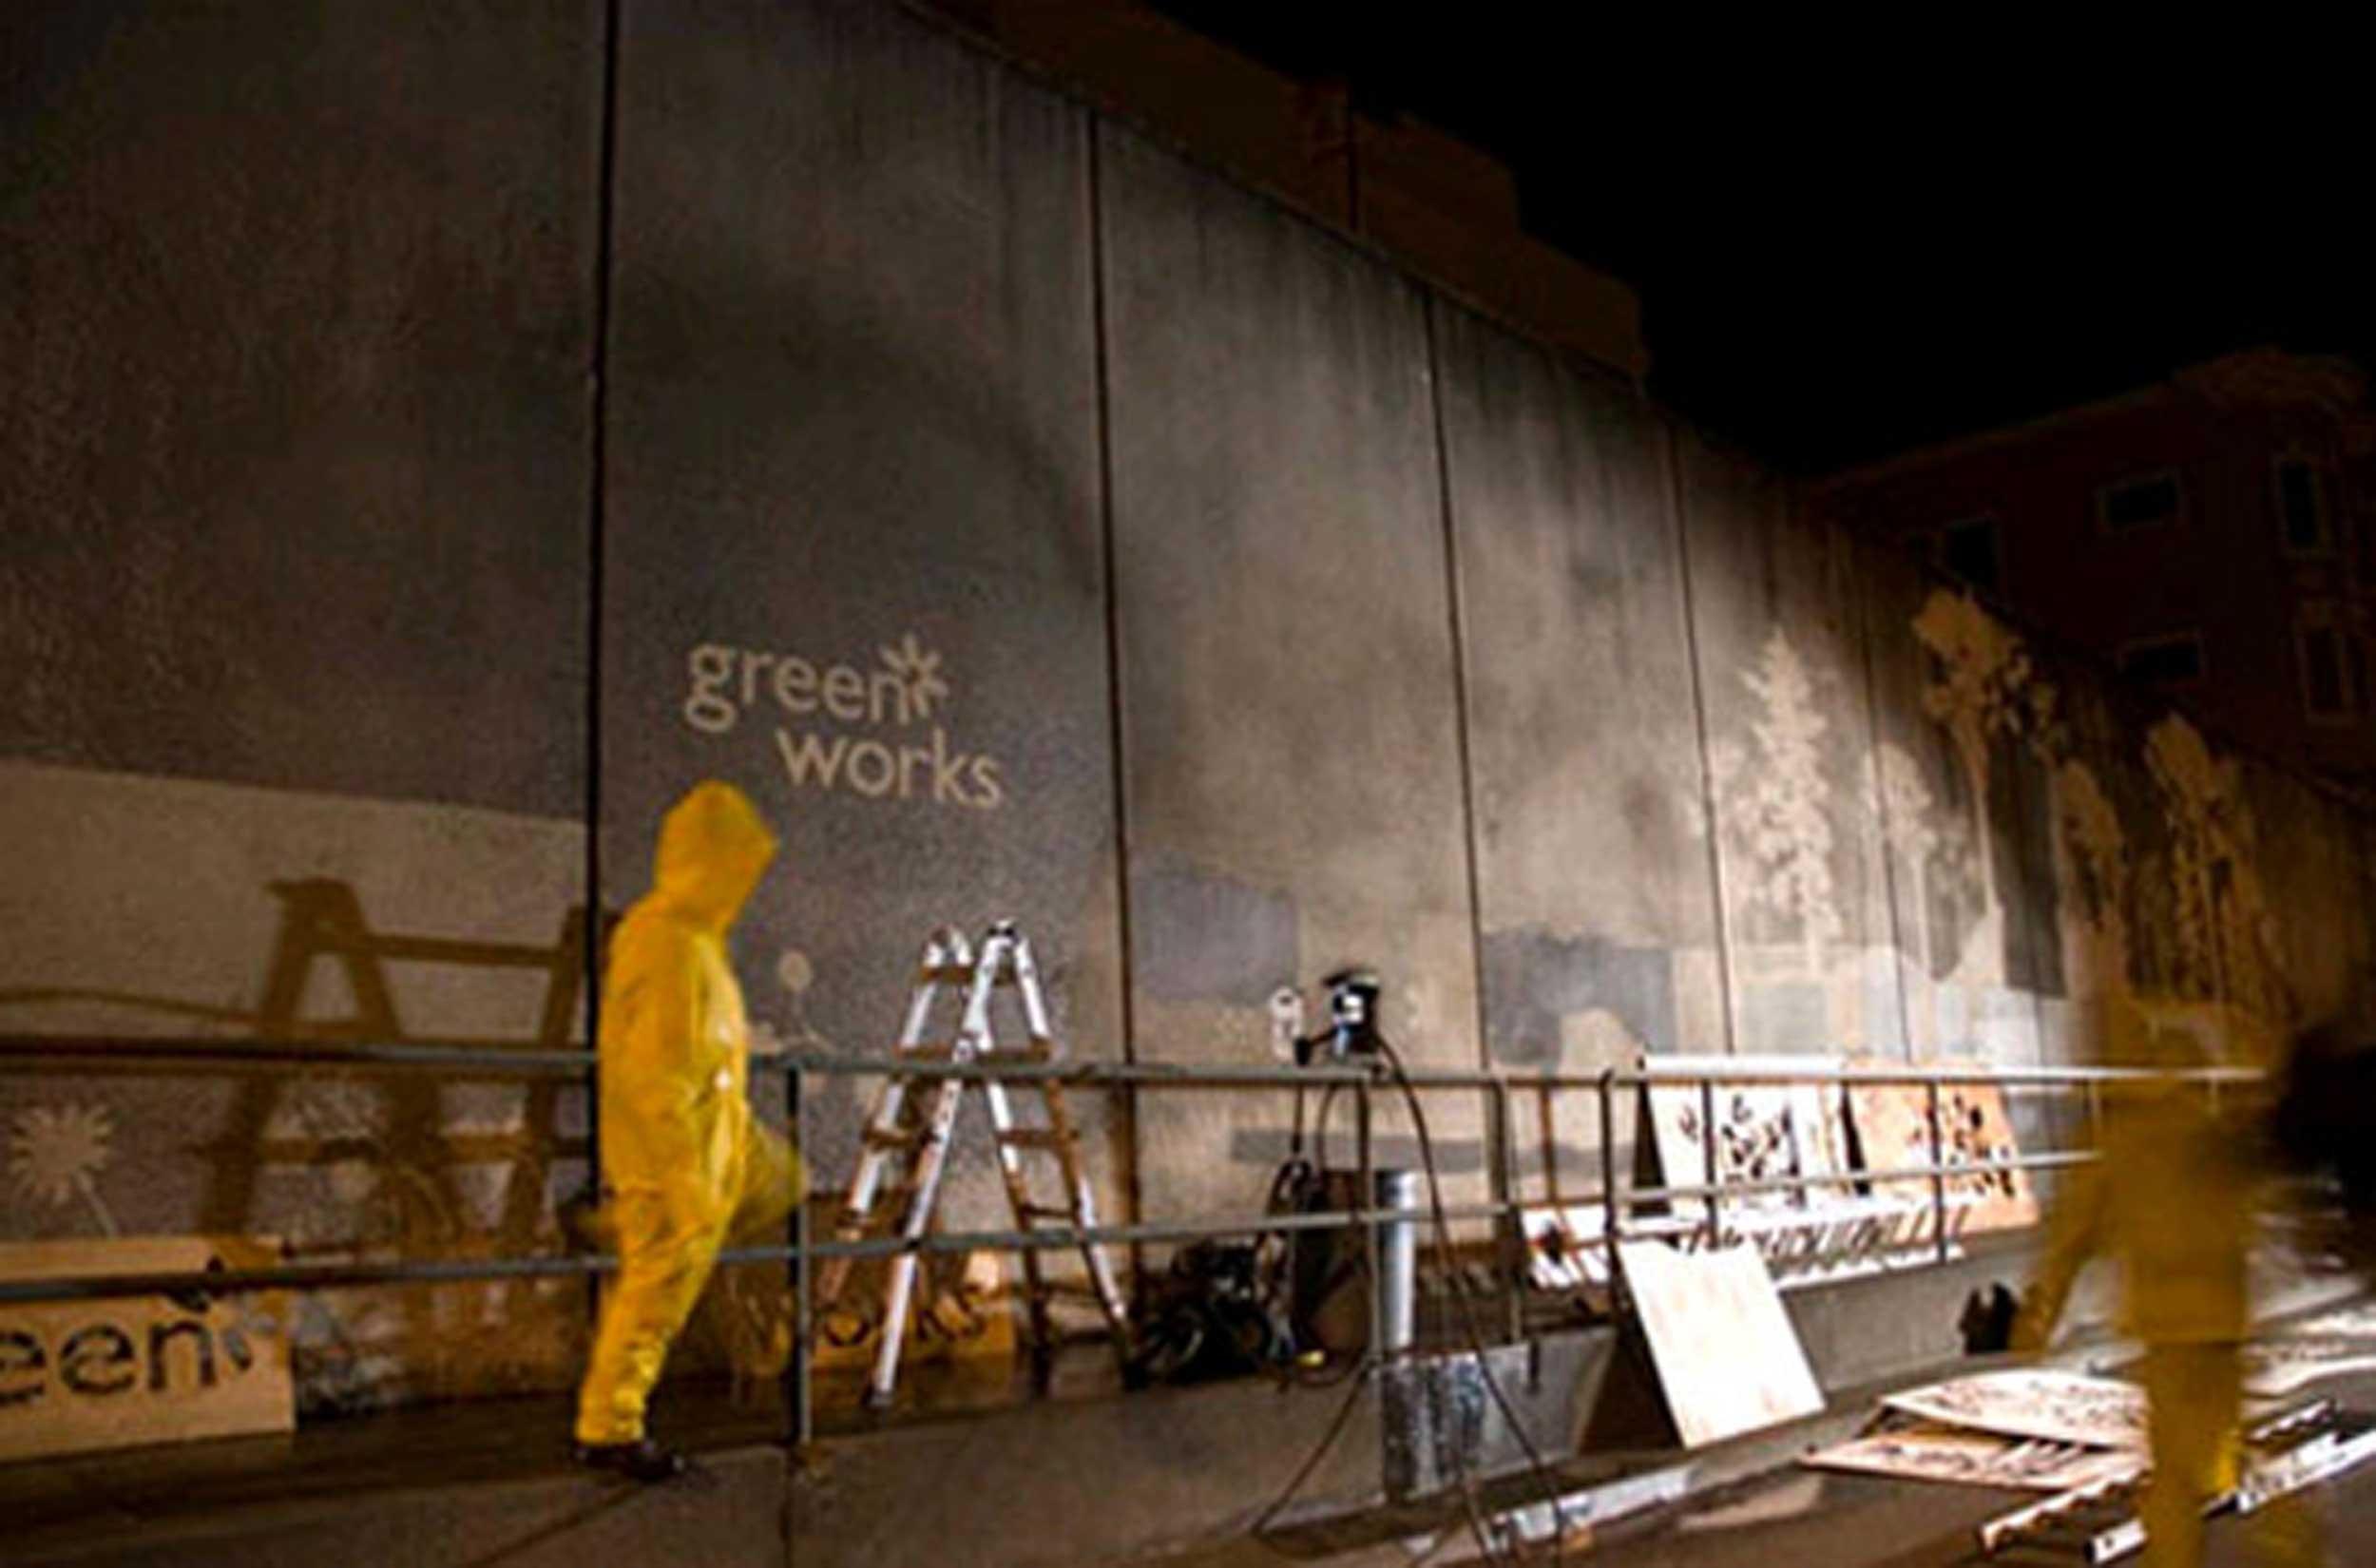 Reverse_Graffiti_Project_3.jpg